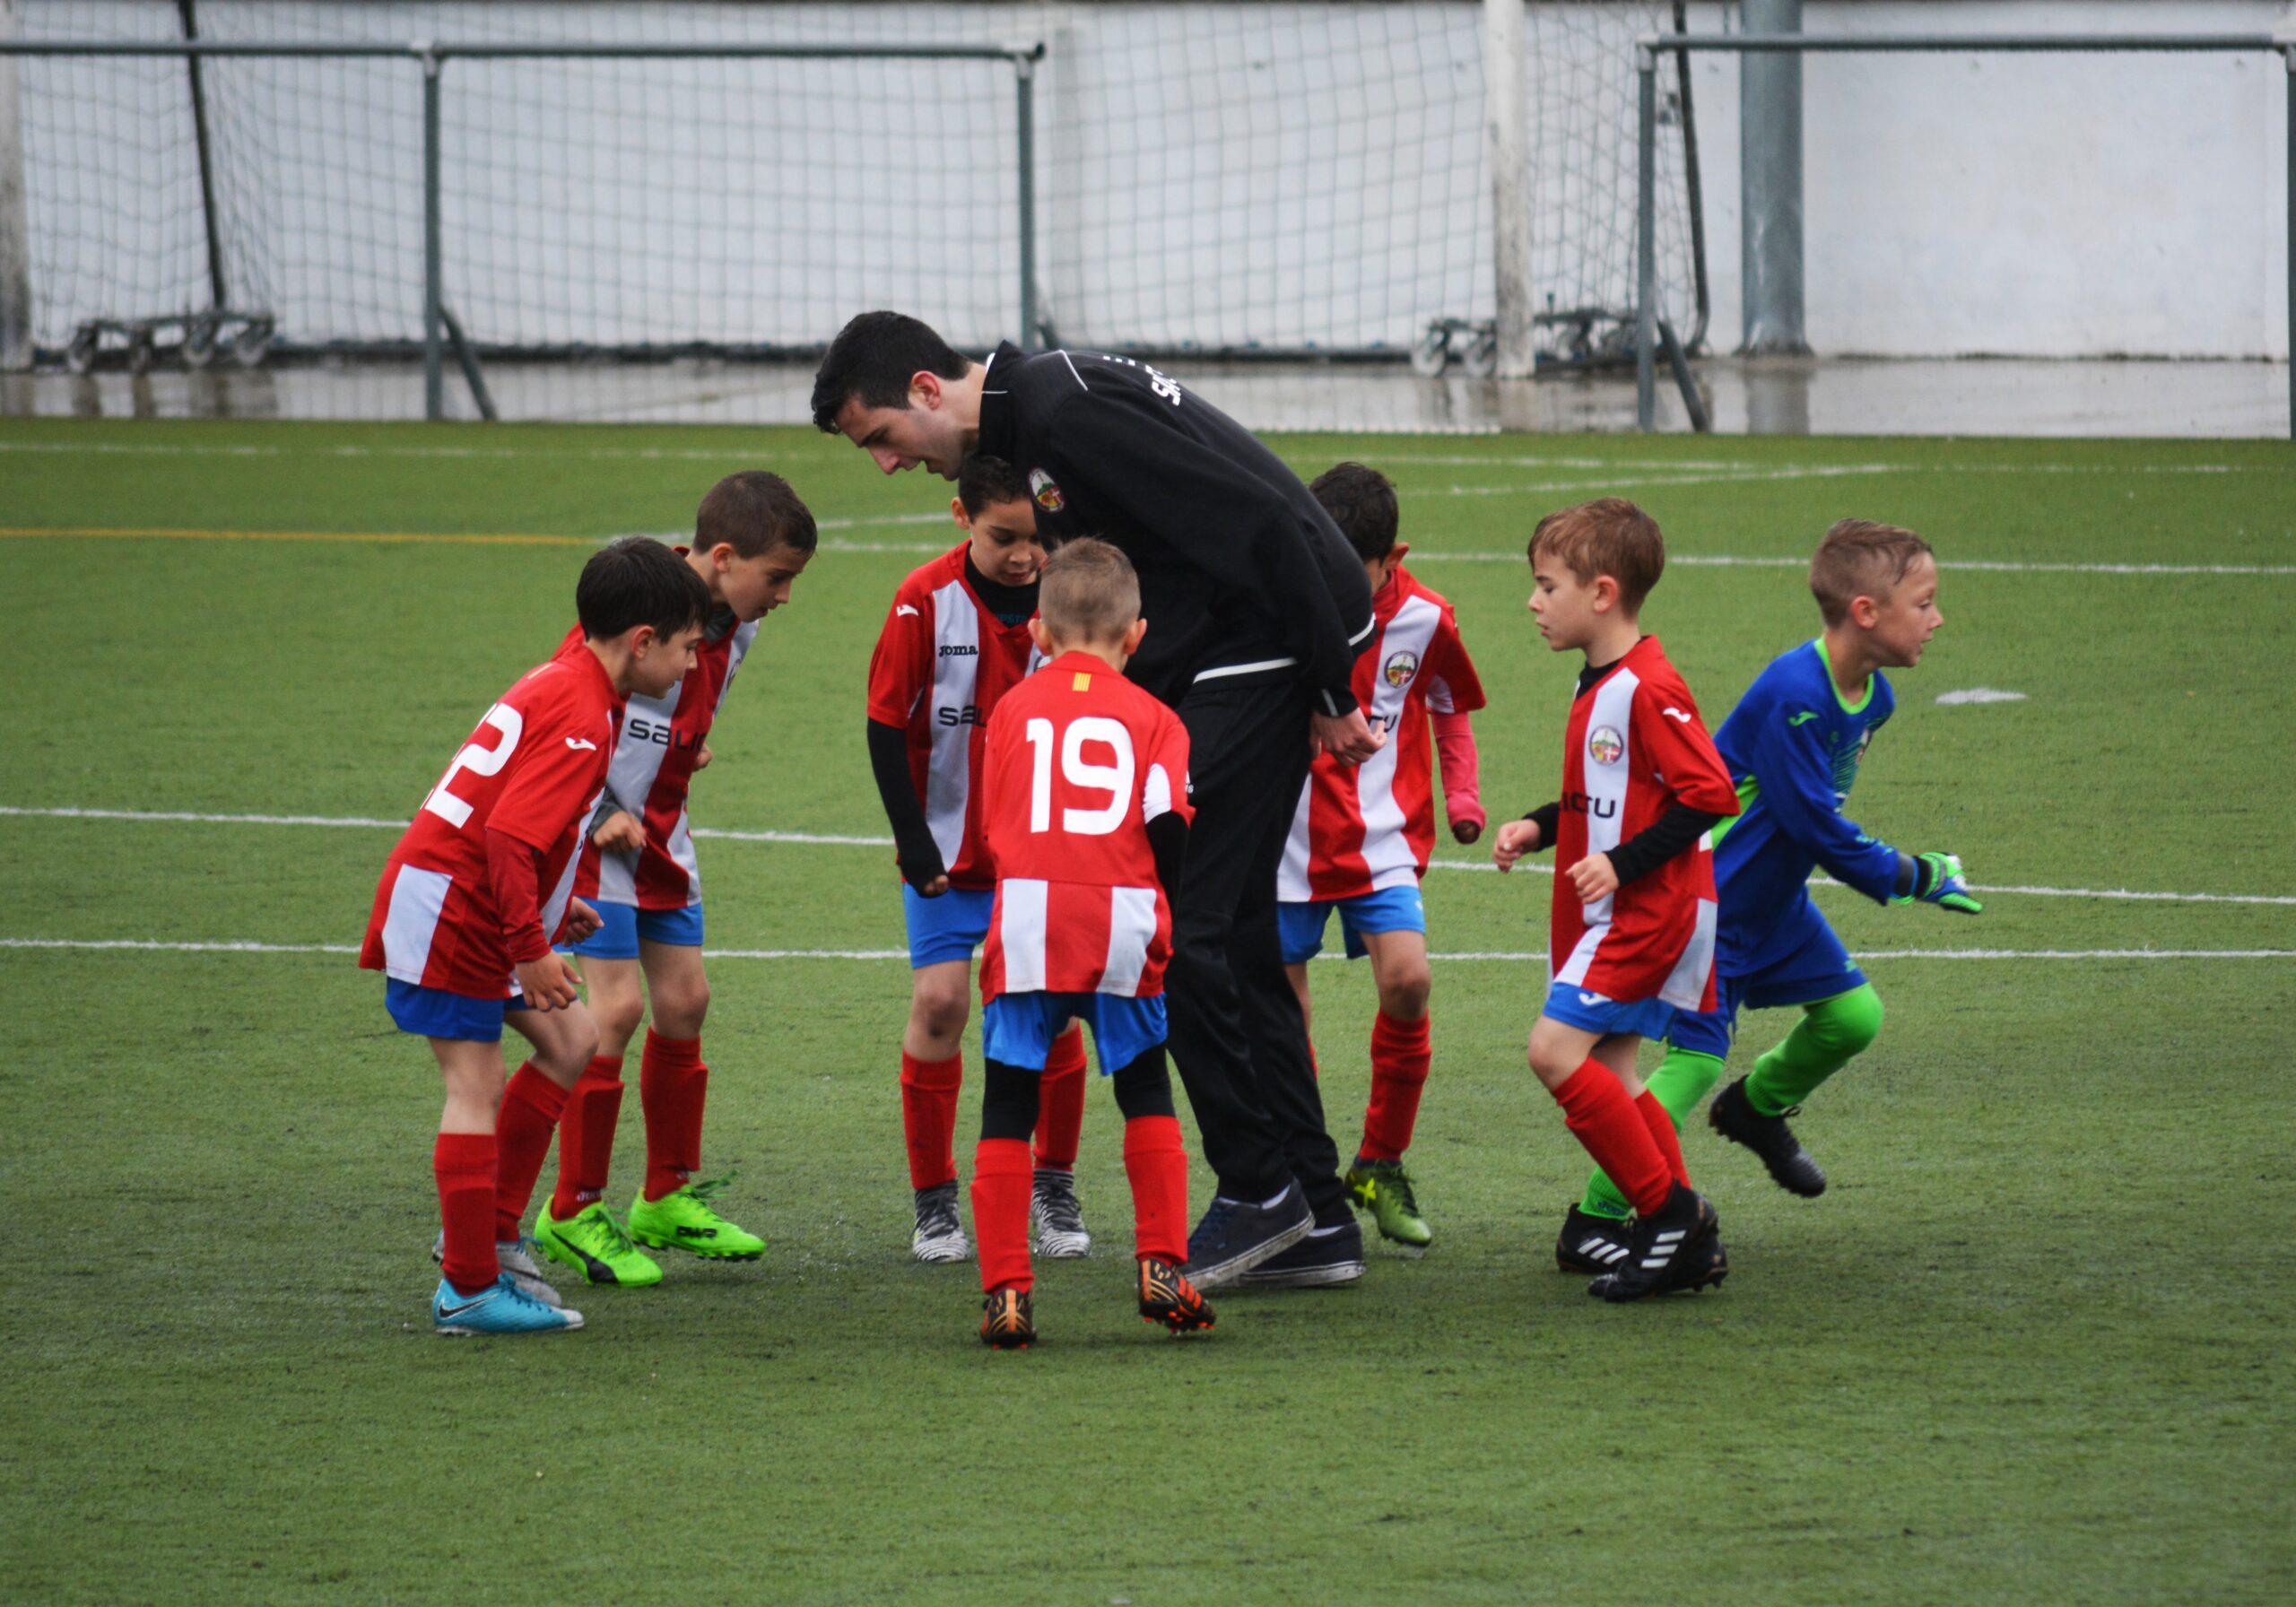 スペインサッカーが好きなら知っておくべき基礎知識!【育成年代カテゴリ表】